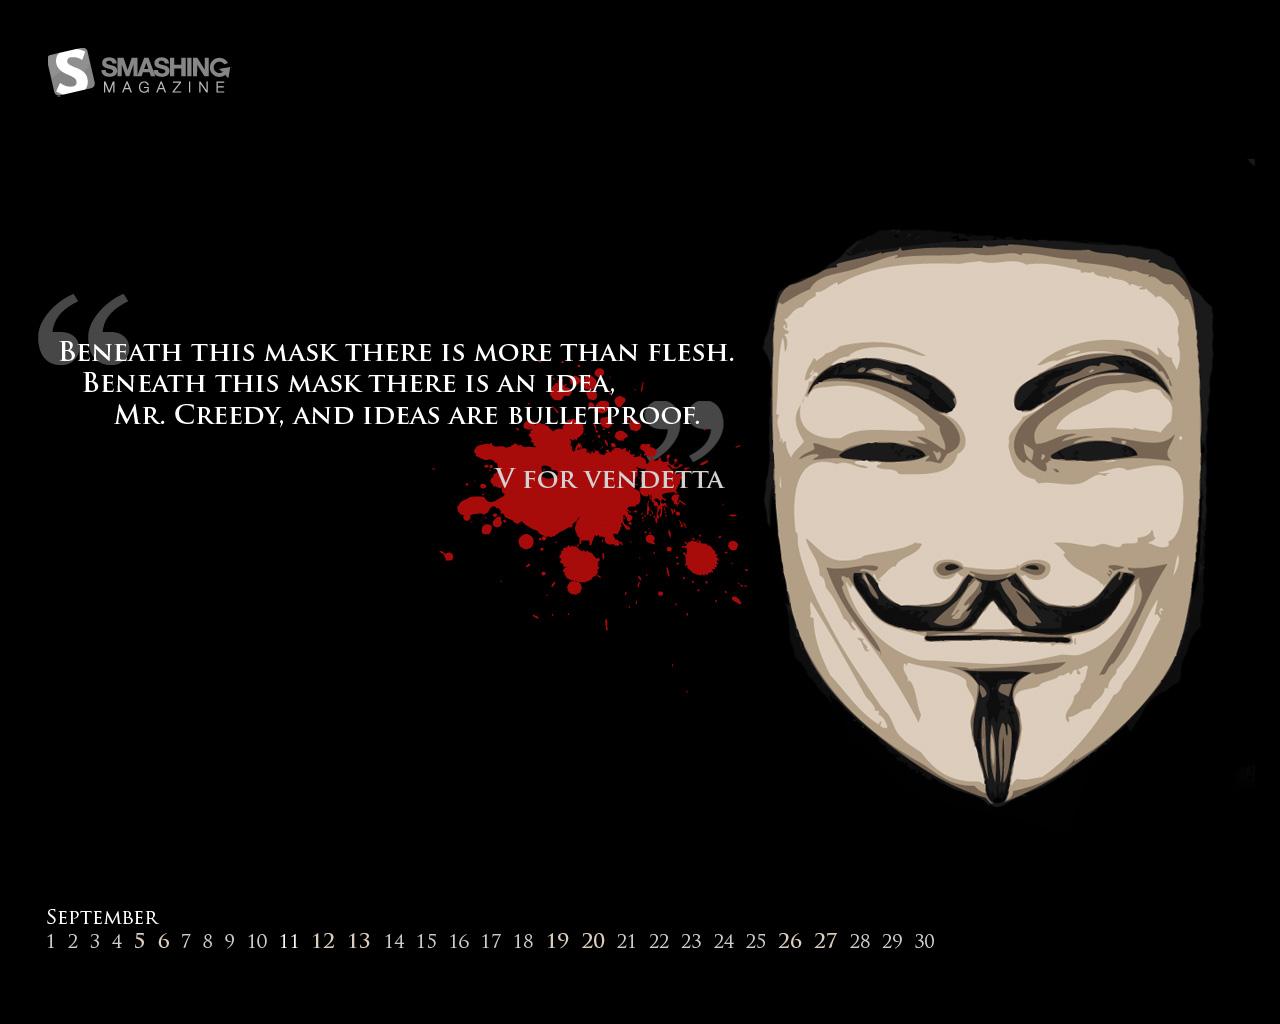 V For Vendetta Mask Wallpaper Quotes 12peteem: V for...